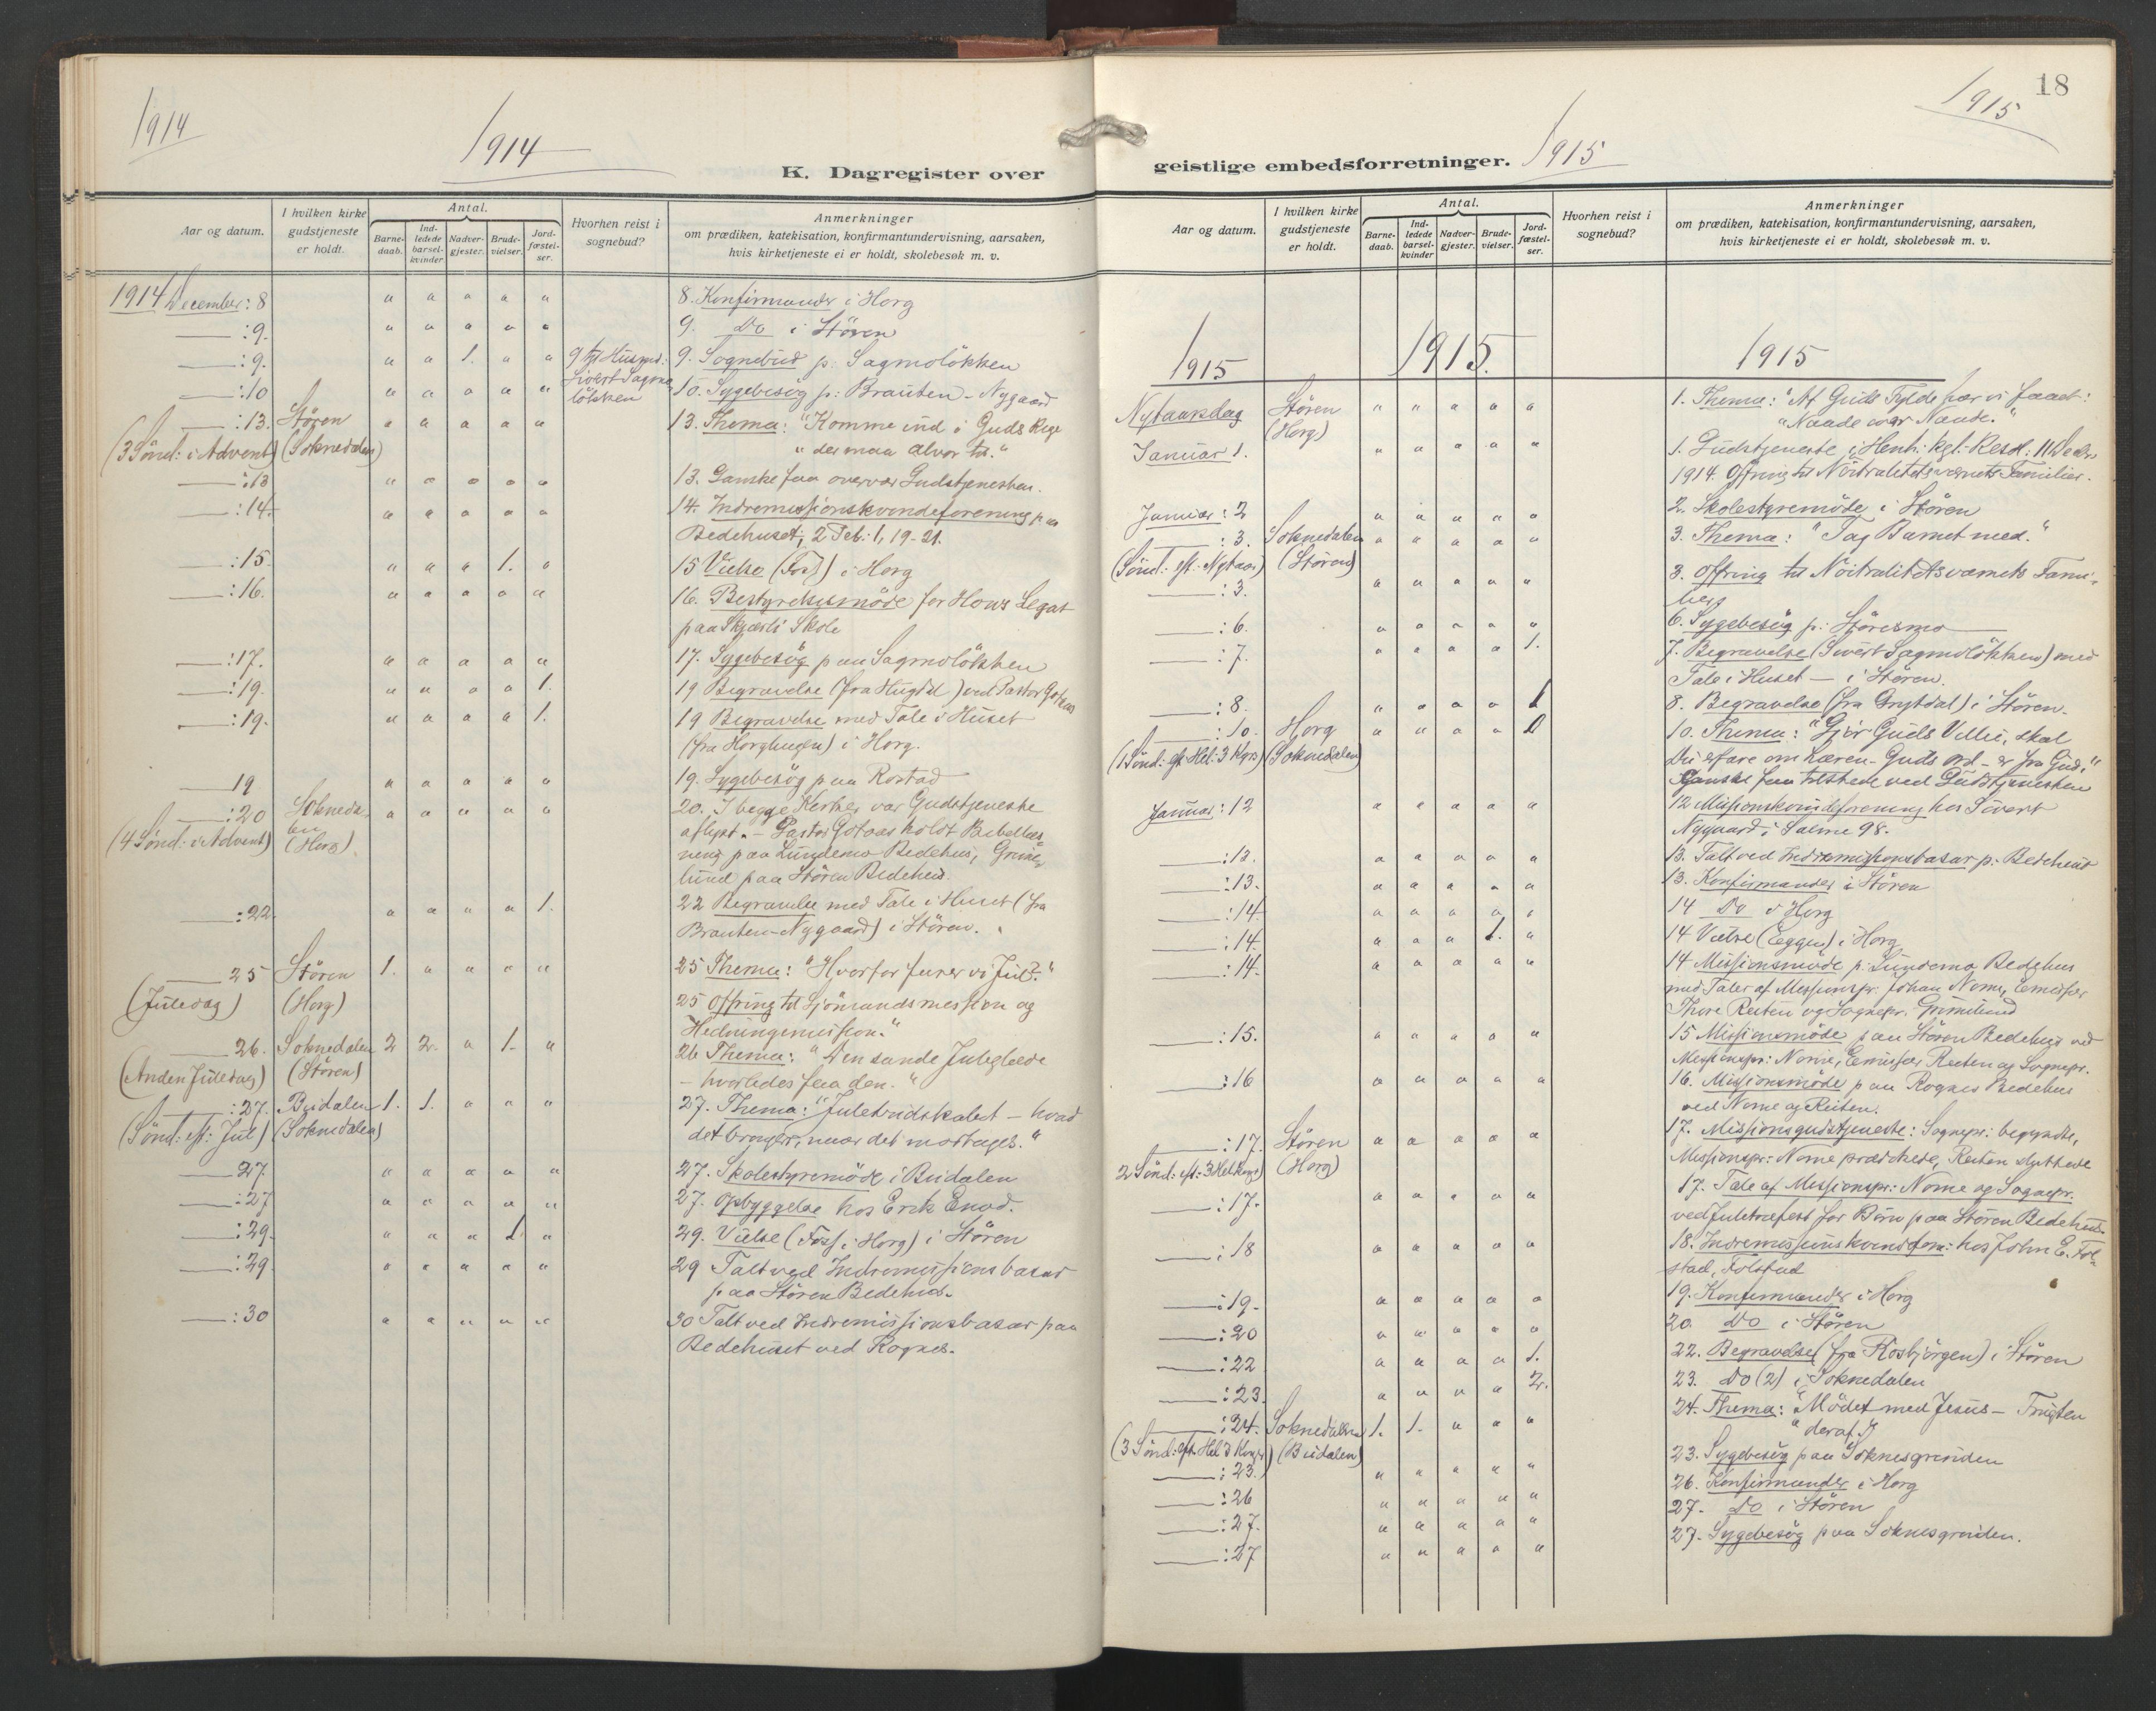 SAT, Ministerialprotokoller, klokkerbøker og fødselsregistre - Sør-Trøndelag, 687/L1006: Dagregister nr. 687A12, 1912-1931, s. 18